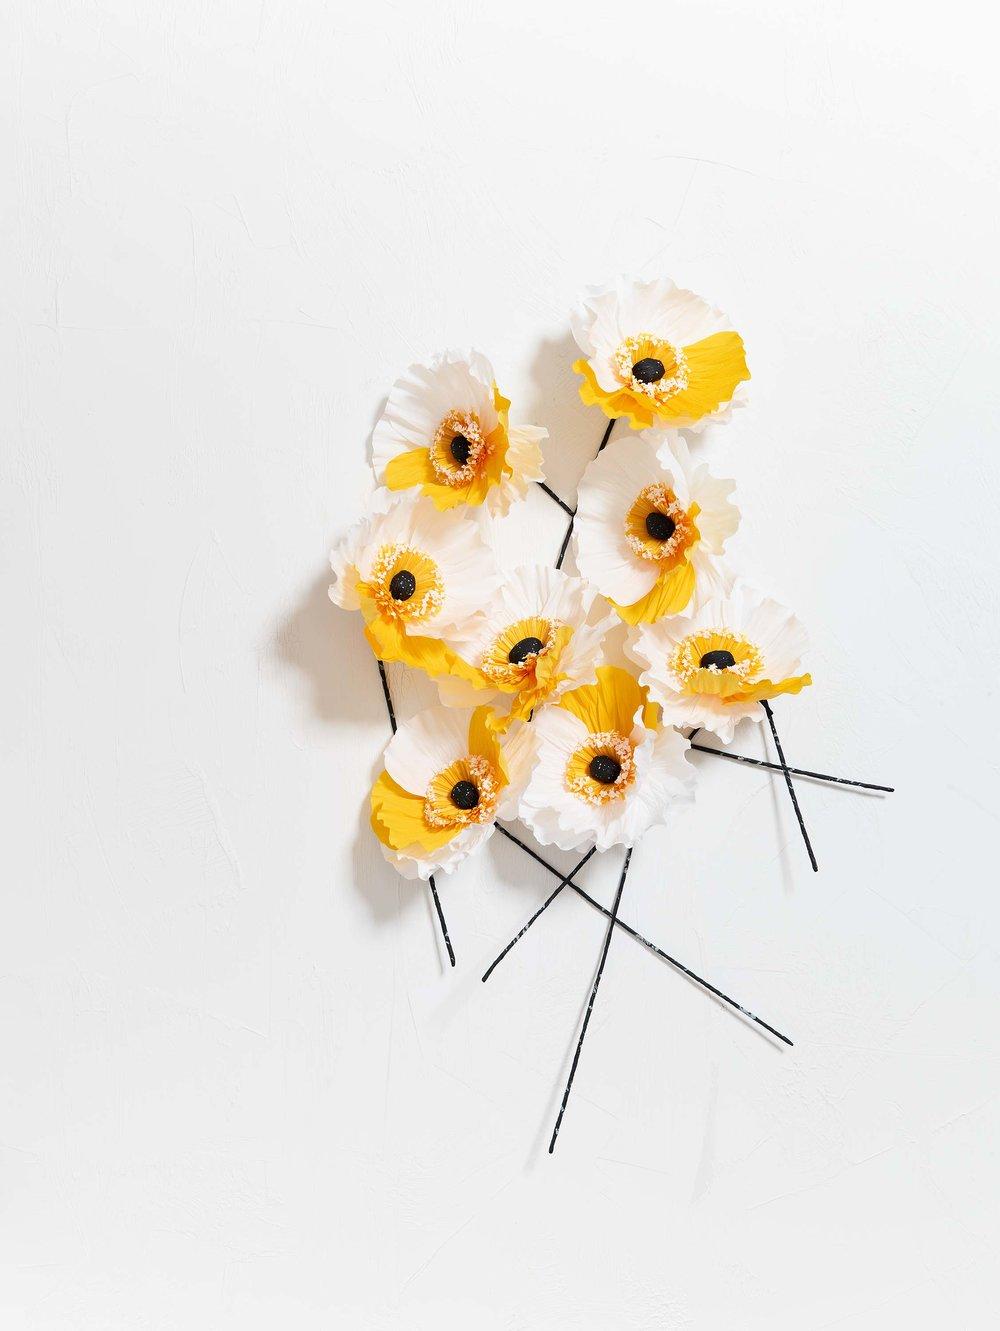 Paper-Flowers-Marimeko-05-2018_0017.jpg